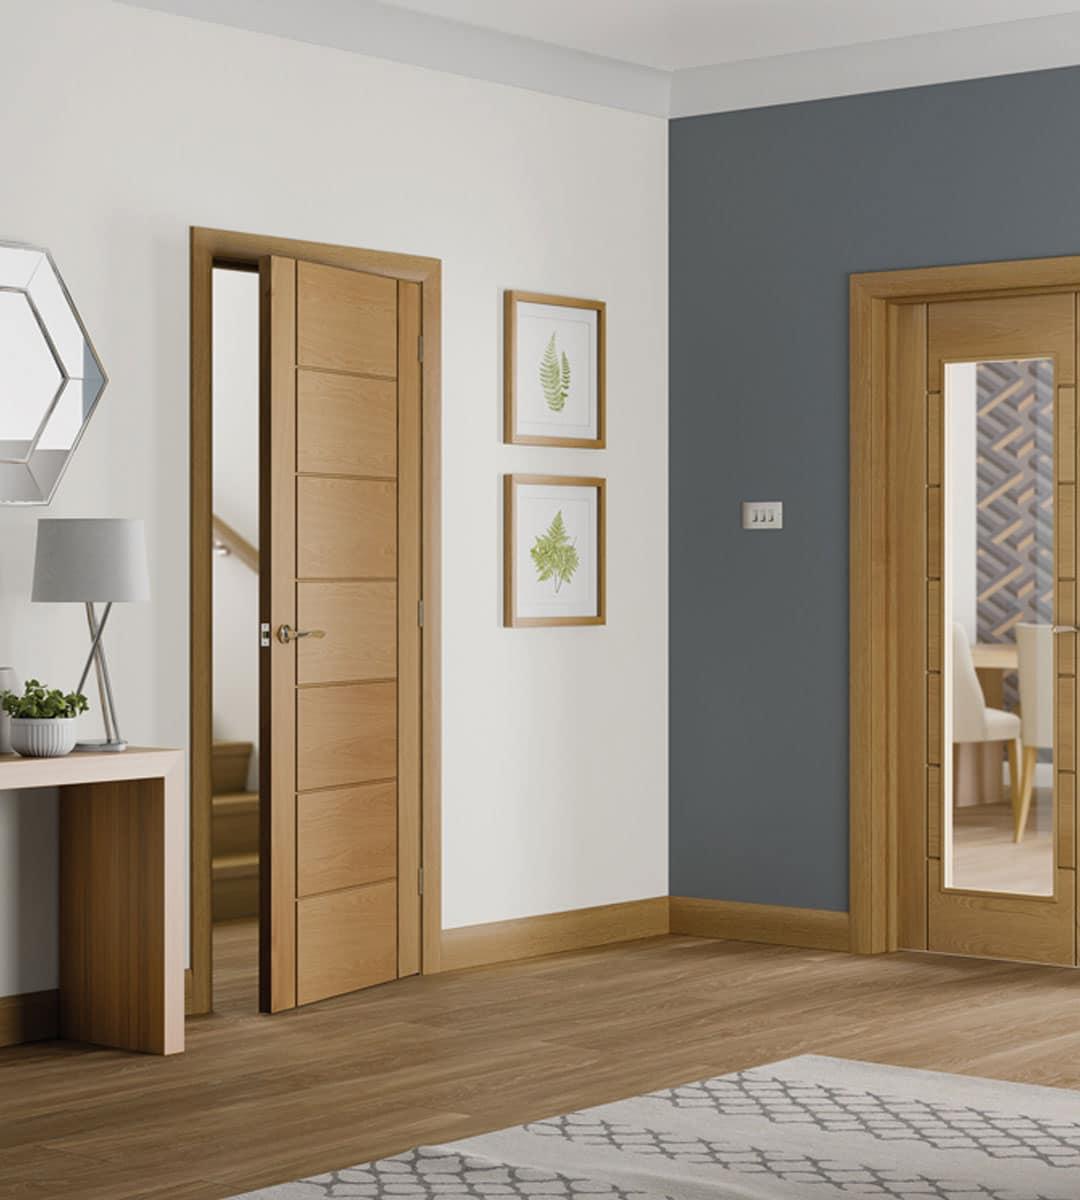 Pre finished palermo oak internal door shawfield doors pre finished palermo oak internal door planetlyrics Gallery